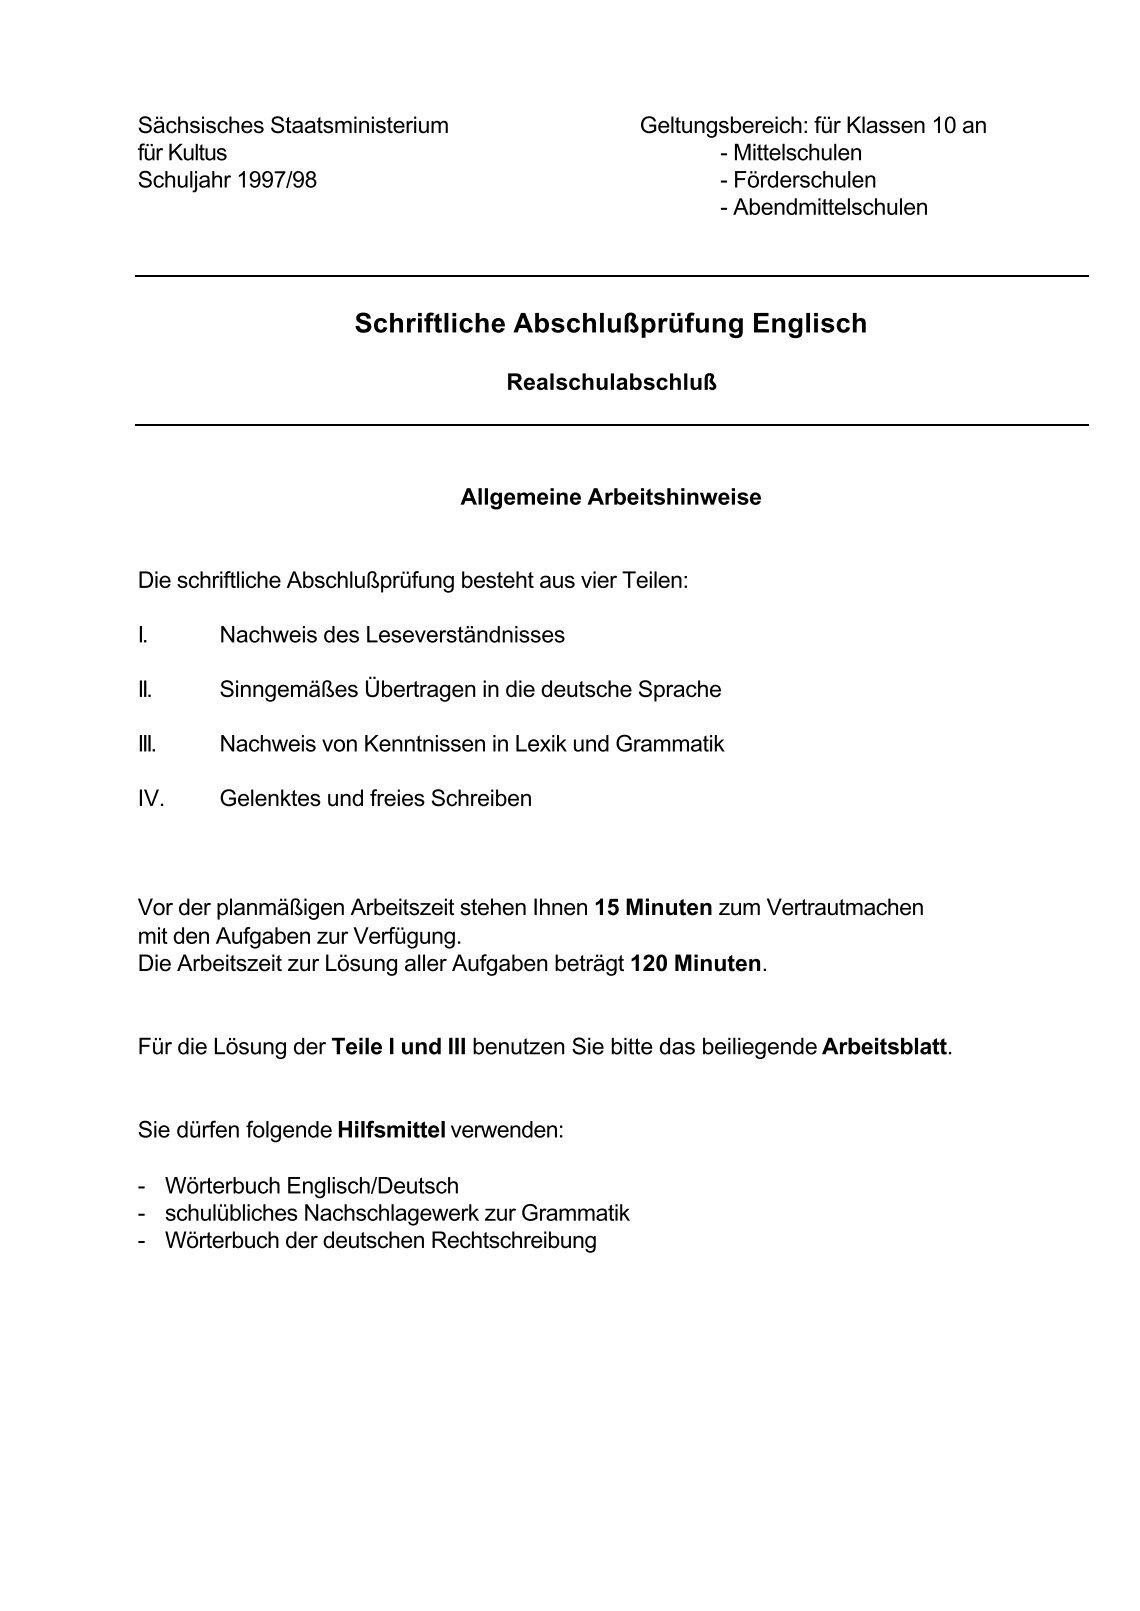 Ausgezeichnet Mittelschule Schriftlich Arbeitsblatt Ideen - Super ...